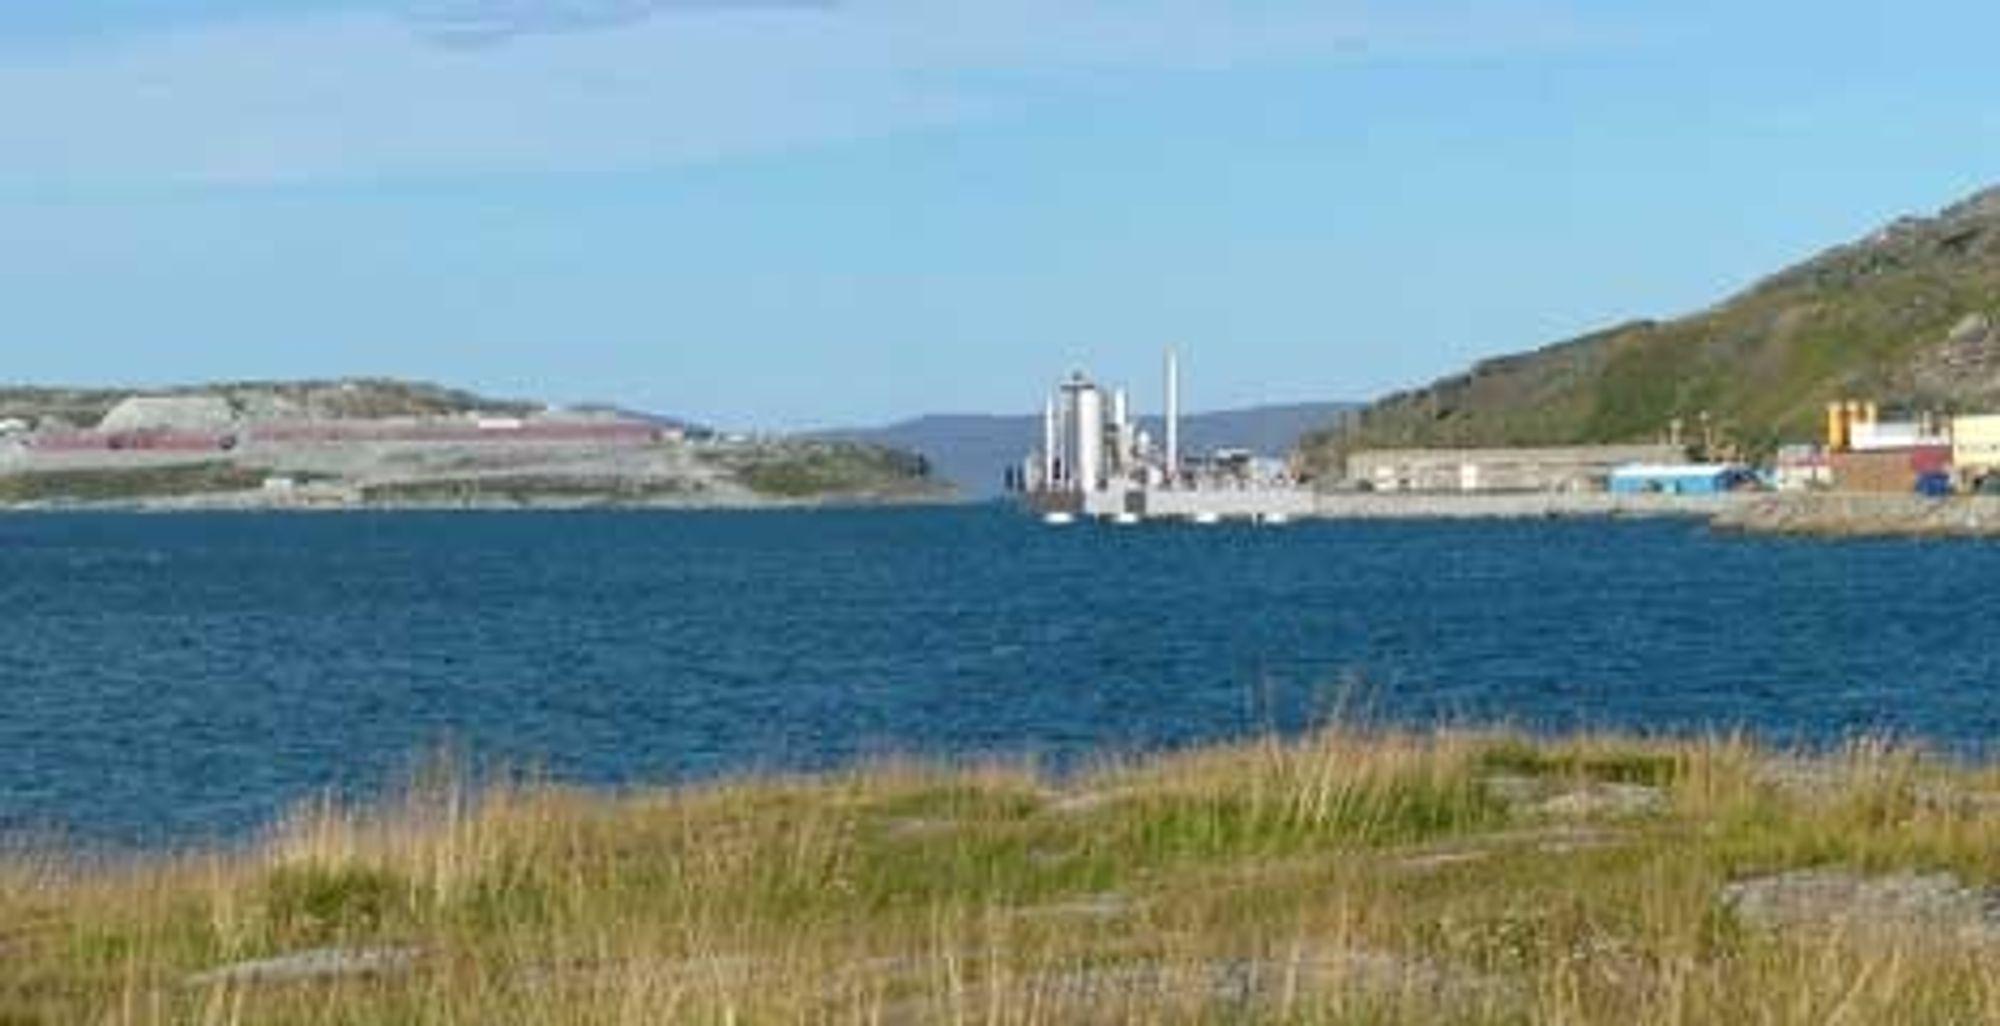 PÅ SJØEN: Gasskraftverket skal bygges på en liten plattform som plasseres i sjøen, rett nord for Hammerfest by. Det er kort avstand til Snøhvit på Melkøya, som skal forsyne kraftverket med gass og ta hånd om CO2.